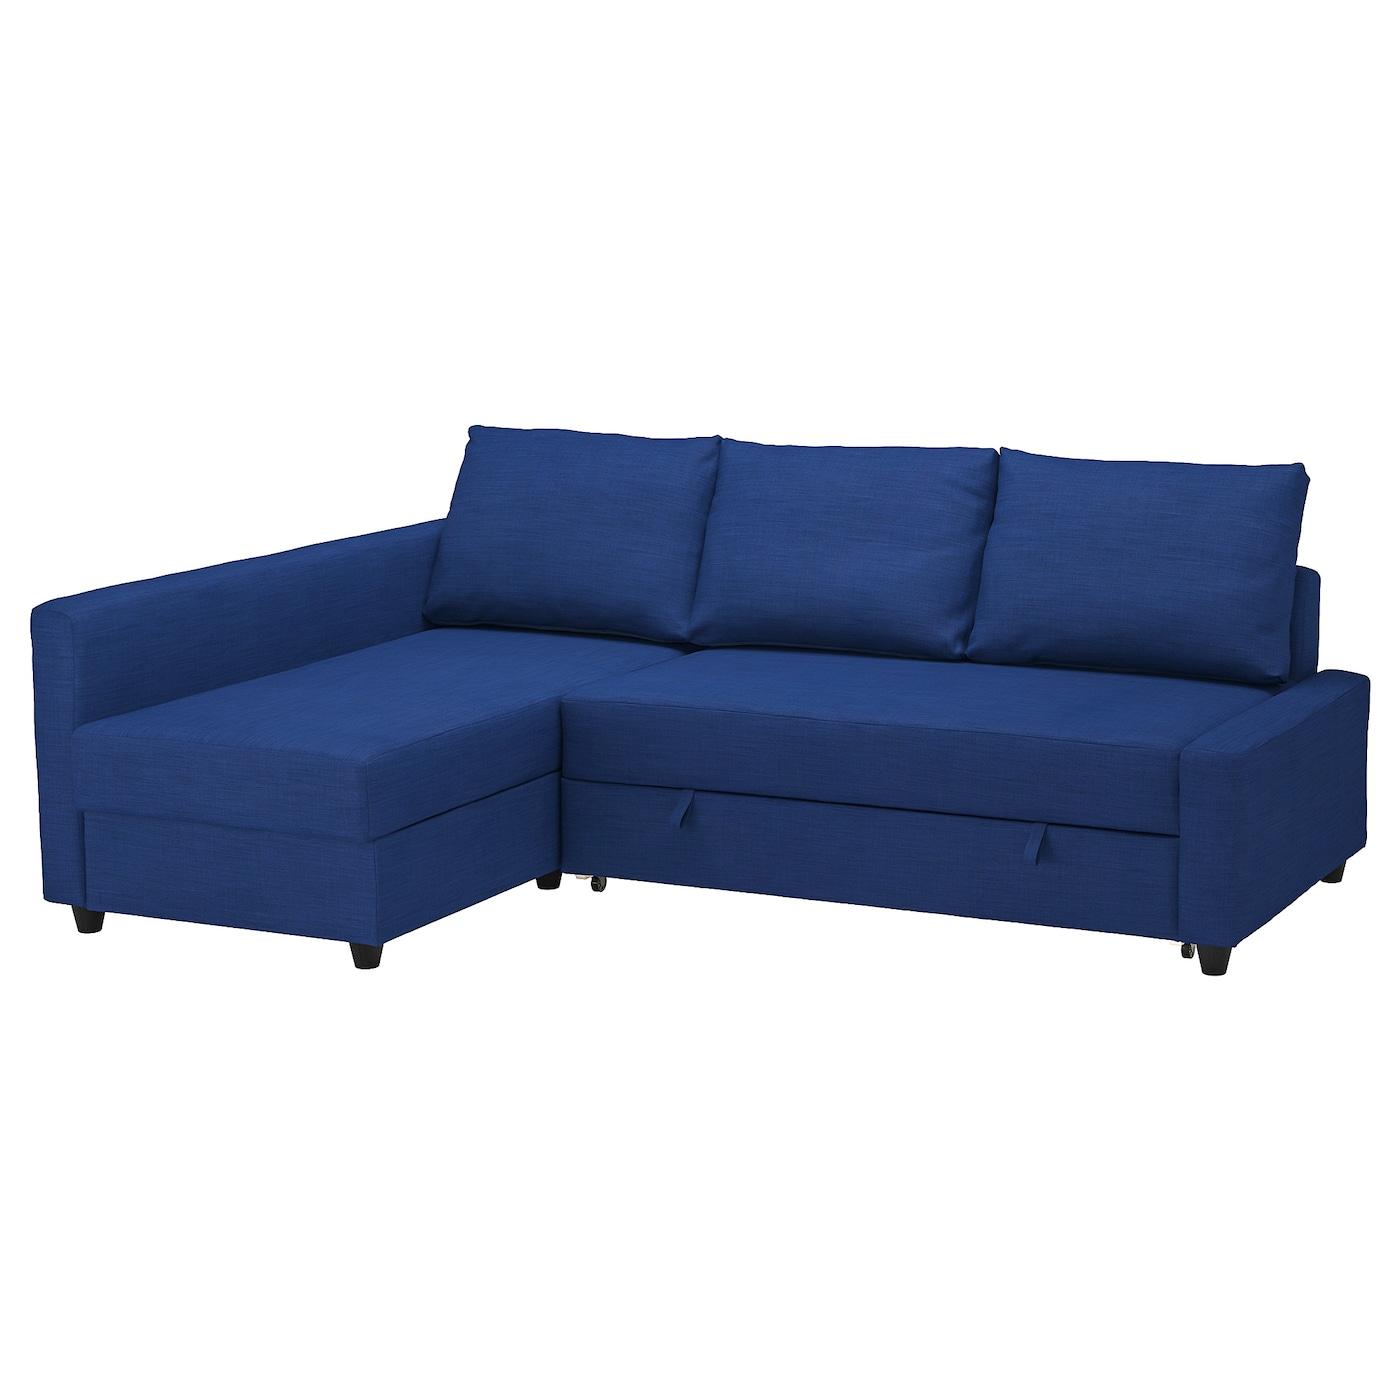 - FRIHETEN Sleeper Sectional,3 Seat W/storage, Skiftebo Blue - IKEA